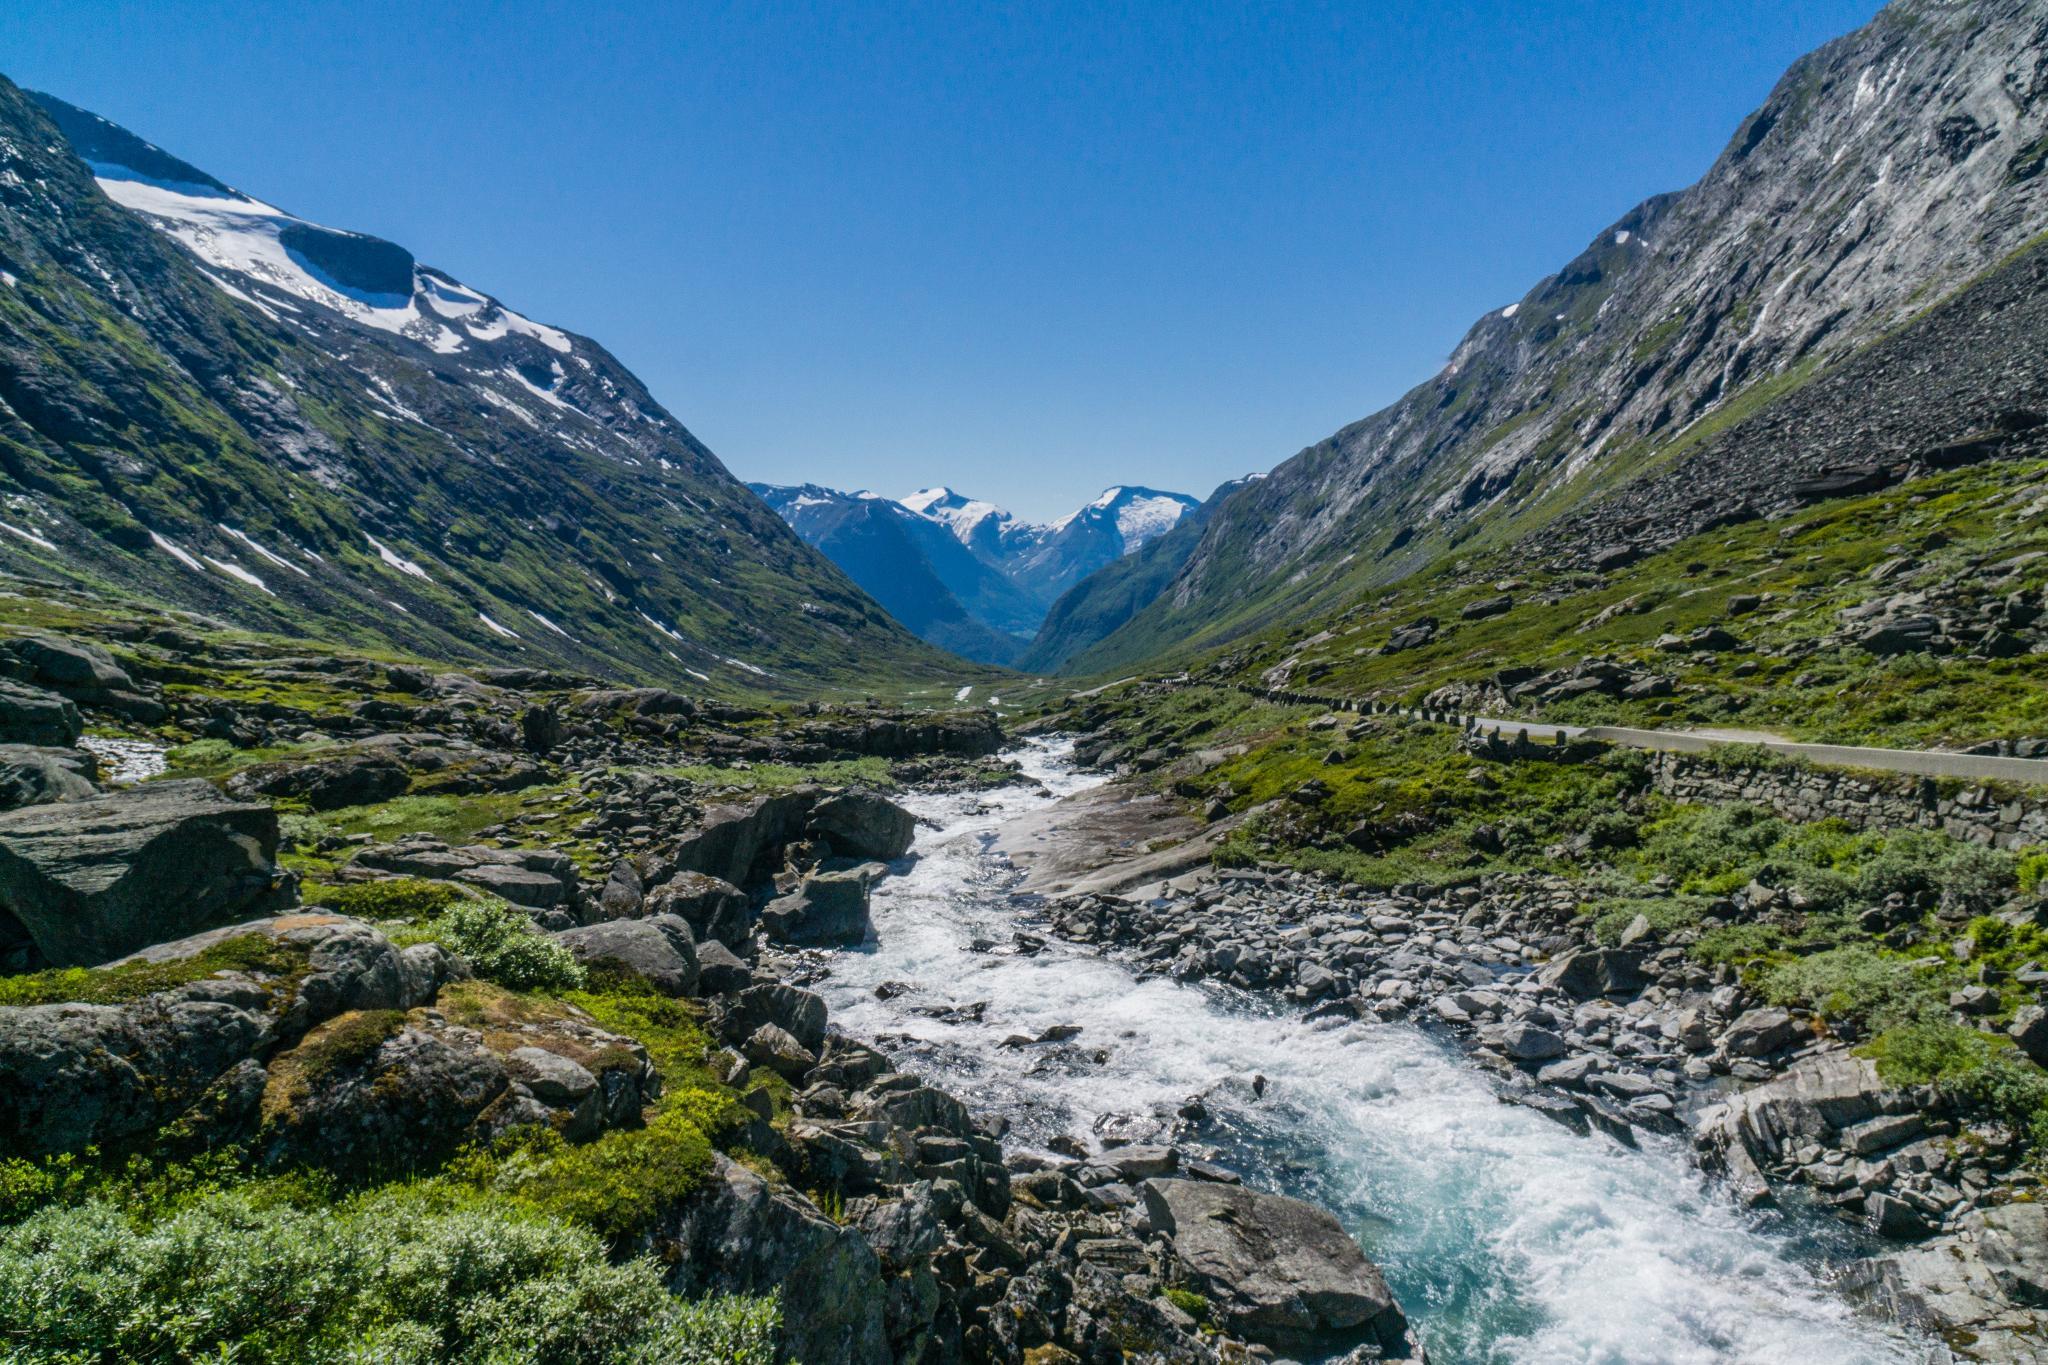 【北歐景點】朝聖歐洲大陸最大的冰河 - 挪威約詩達特冰河國家公園 (Jostedalsbreen National Park) 12